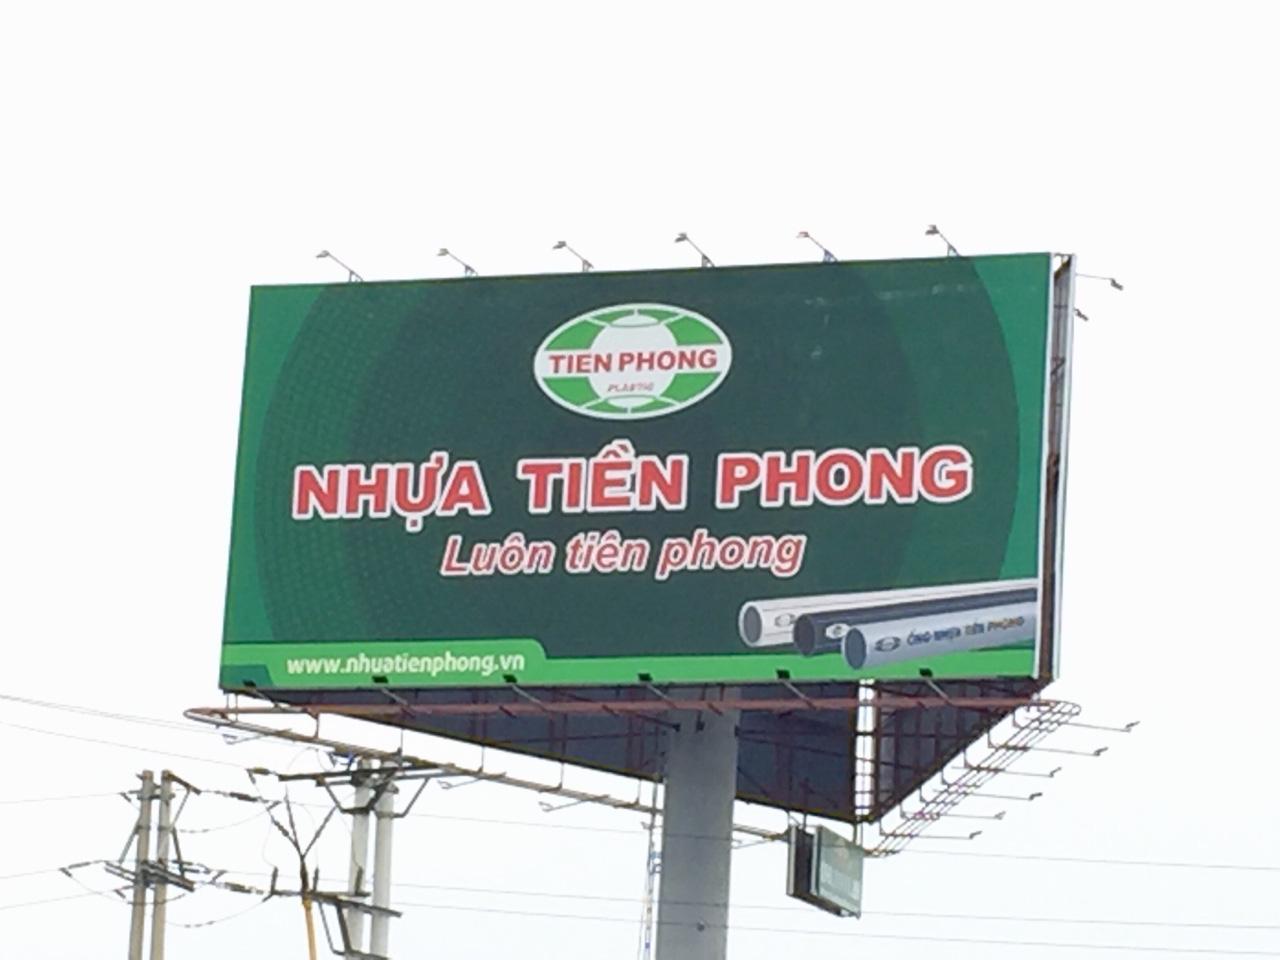 Năm 2019, lãi sau thuế Nhựa Tiền Phong tăng hơn 23%  - Ảnh 1.